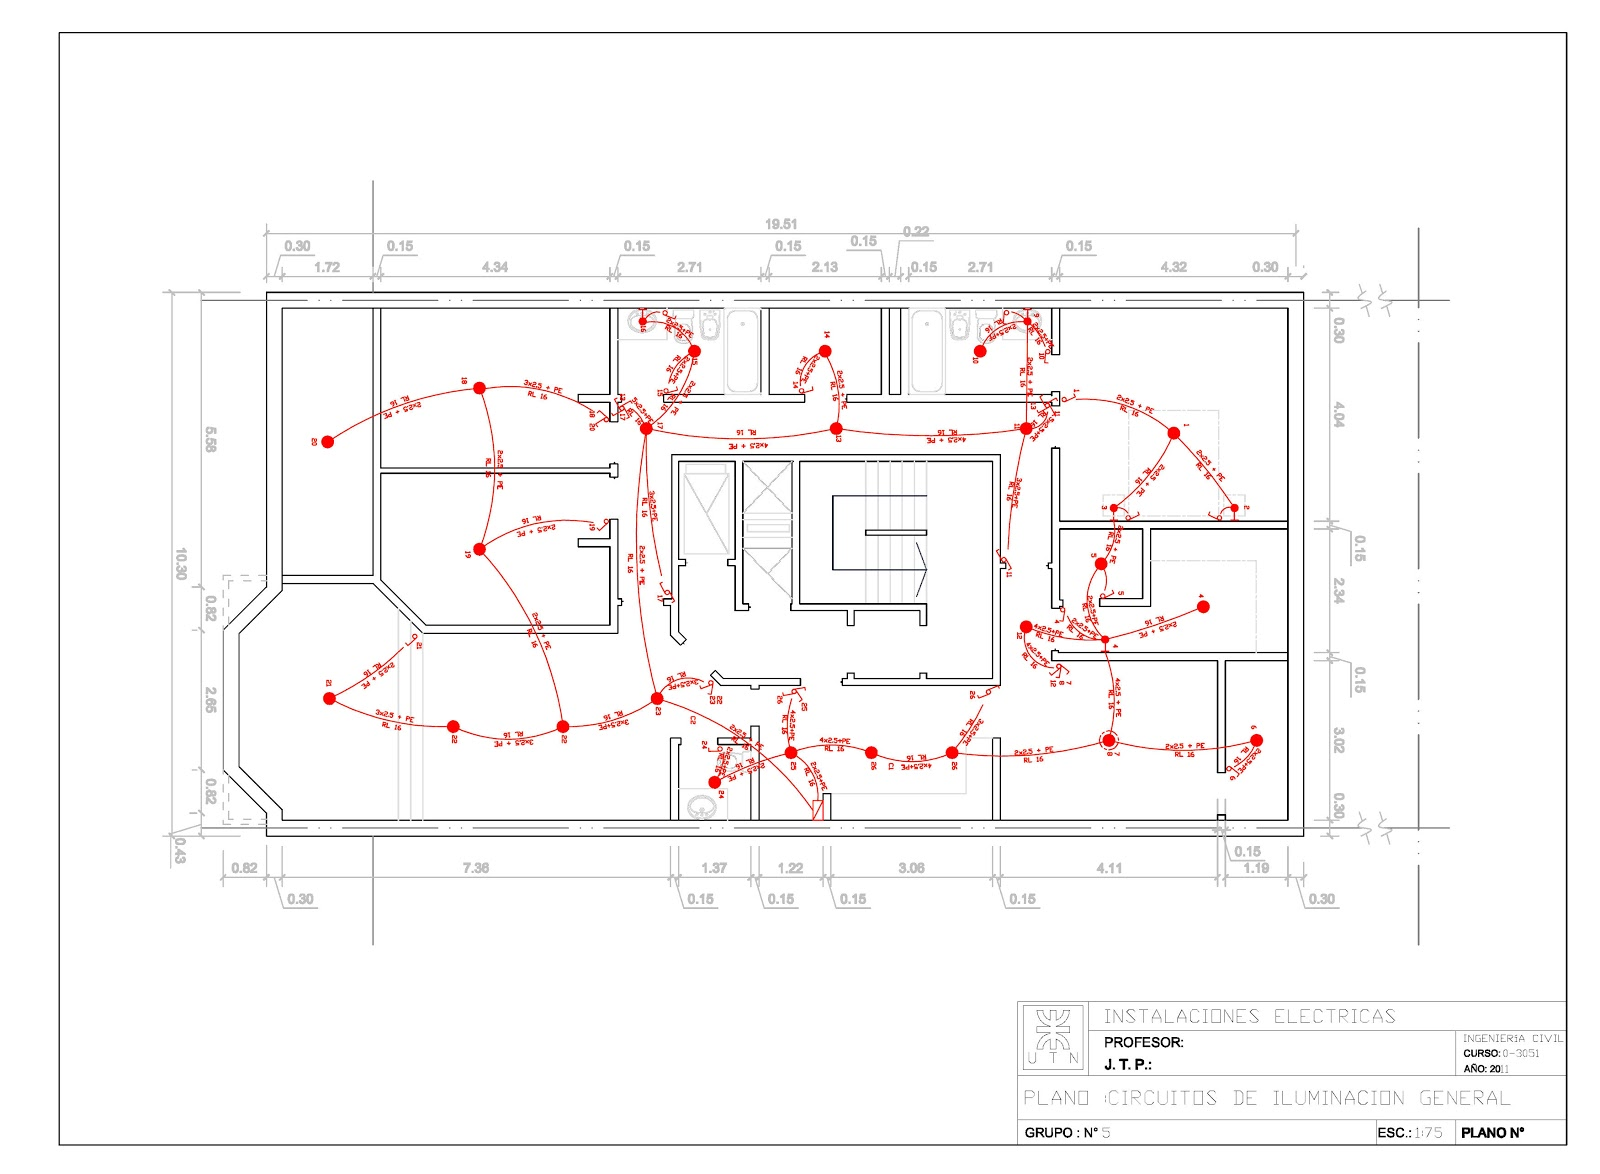 Planos electricos de una casa detalles constructivos cad for Normas para planos arquitectonicos